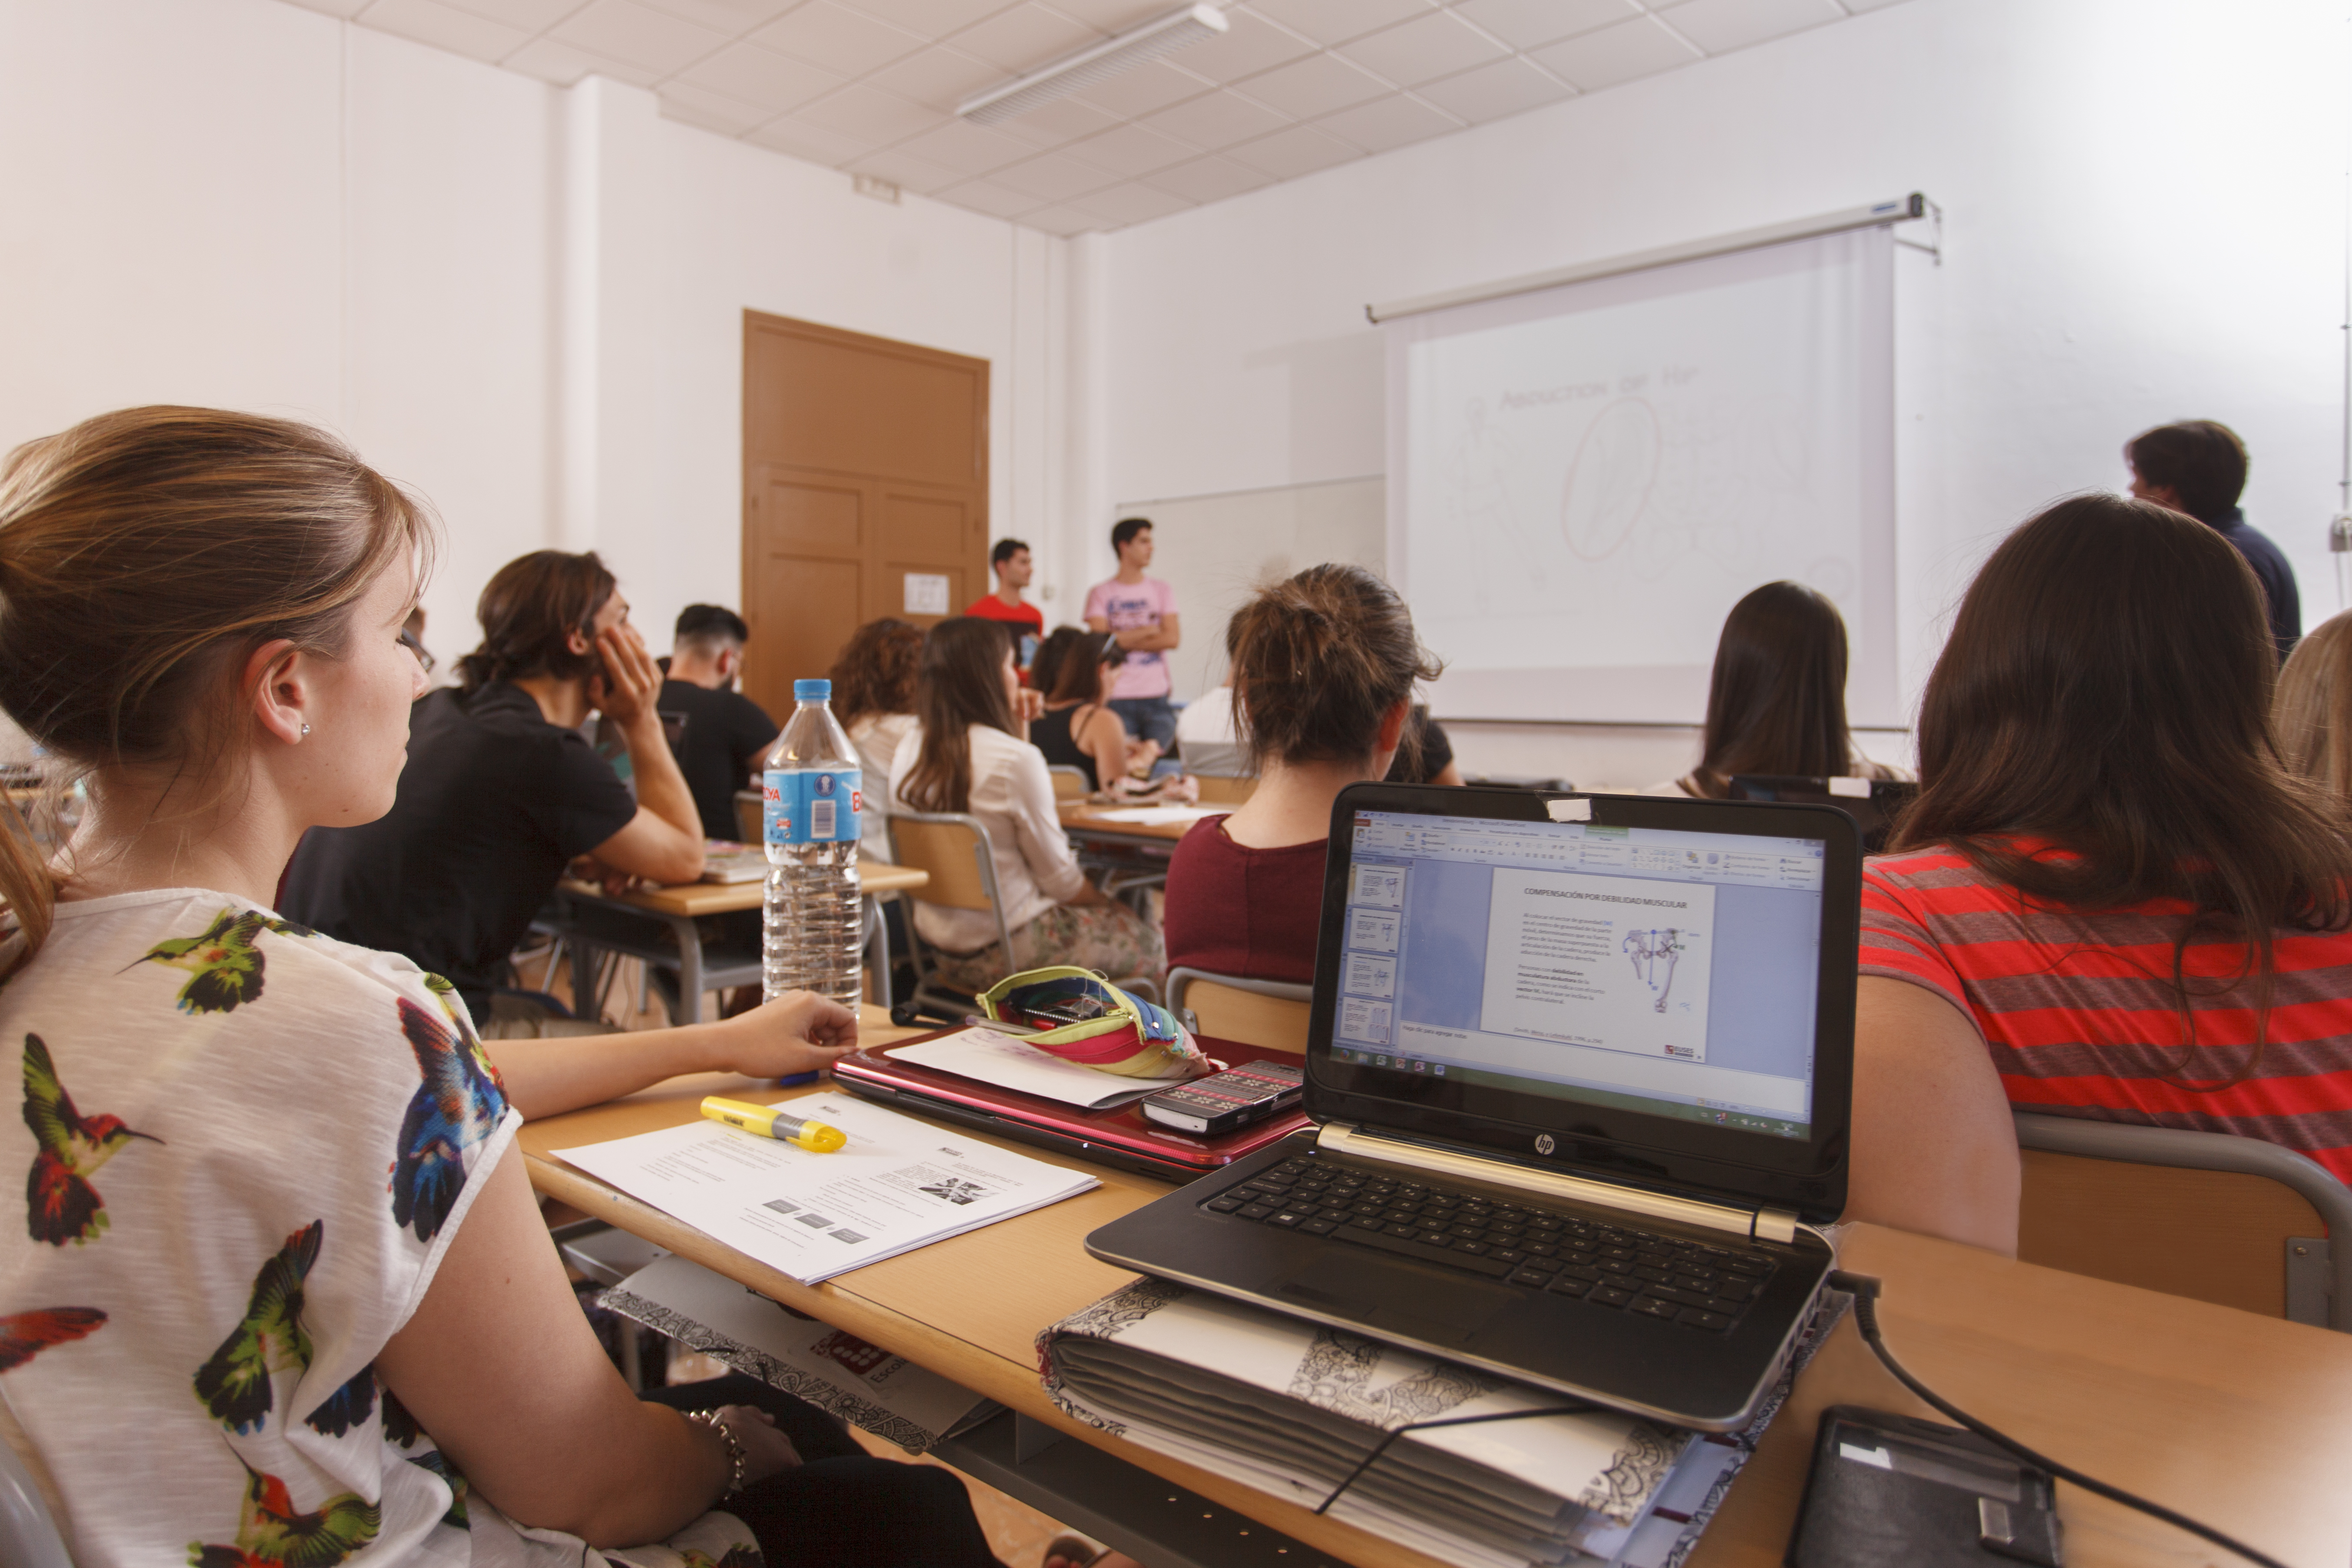 El Grau en Fisioteràpia d'EUSES Terres de l'Ebre aposta per l'especialització i personalització, a través d'un servei de seguiment i assessorament individualitzat dels alumnes